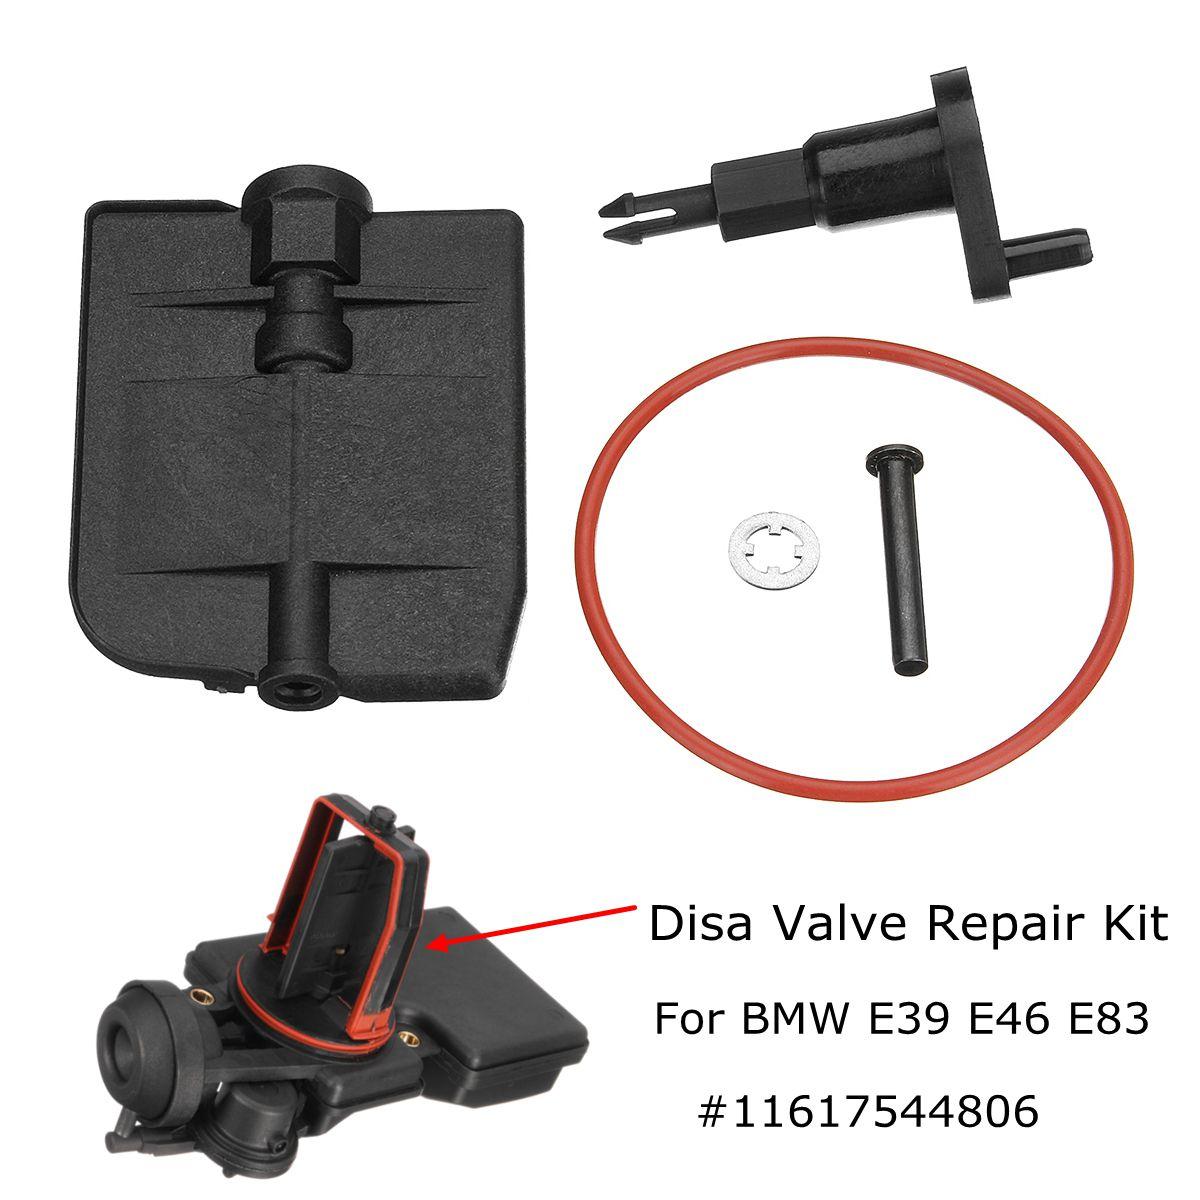 Colector de admisión de DISA Kit de reparación de la válvula de BMW 11617544806 para E39 E46 E83 325i 525i M54 2,5, 2001-2006